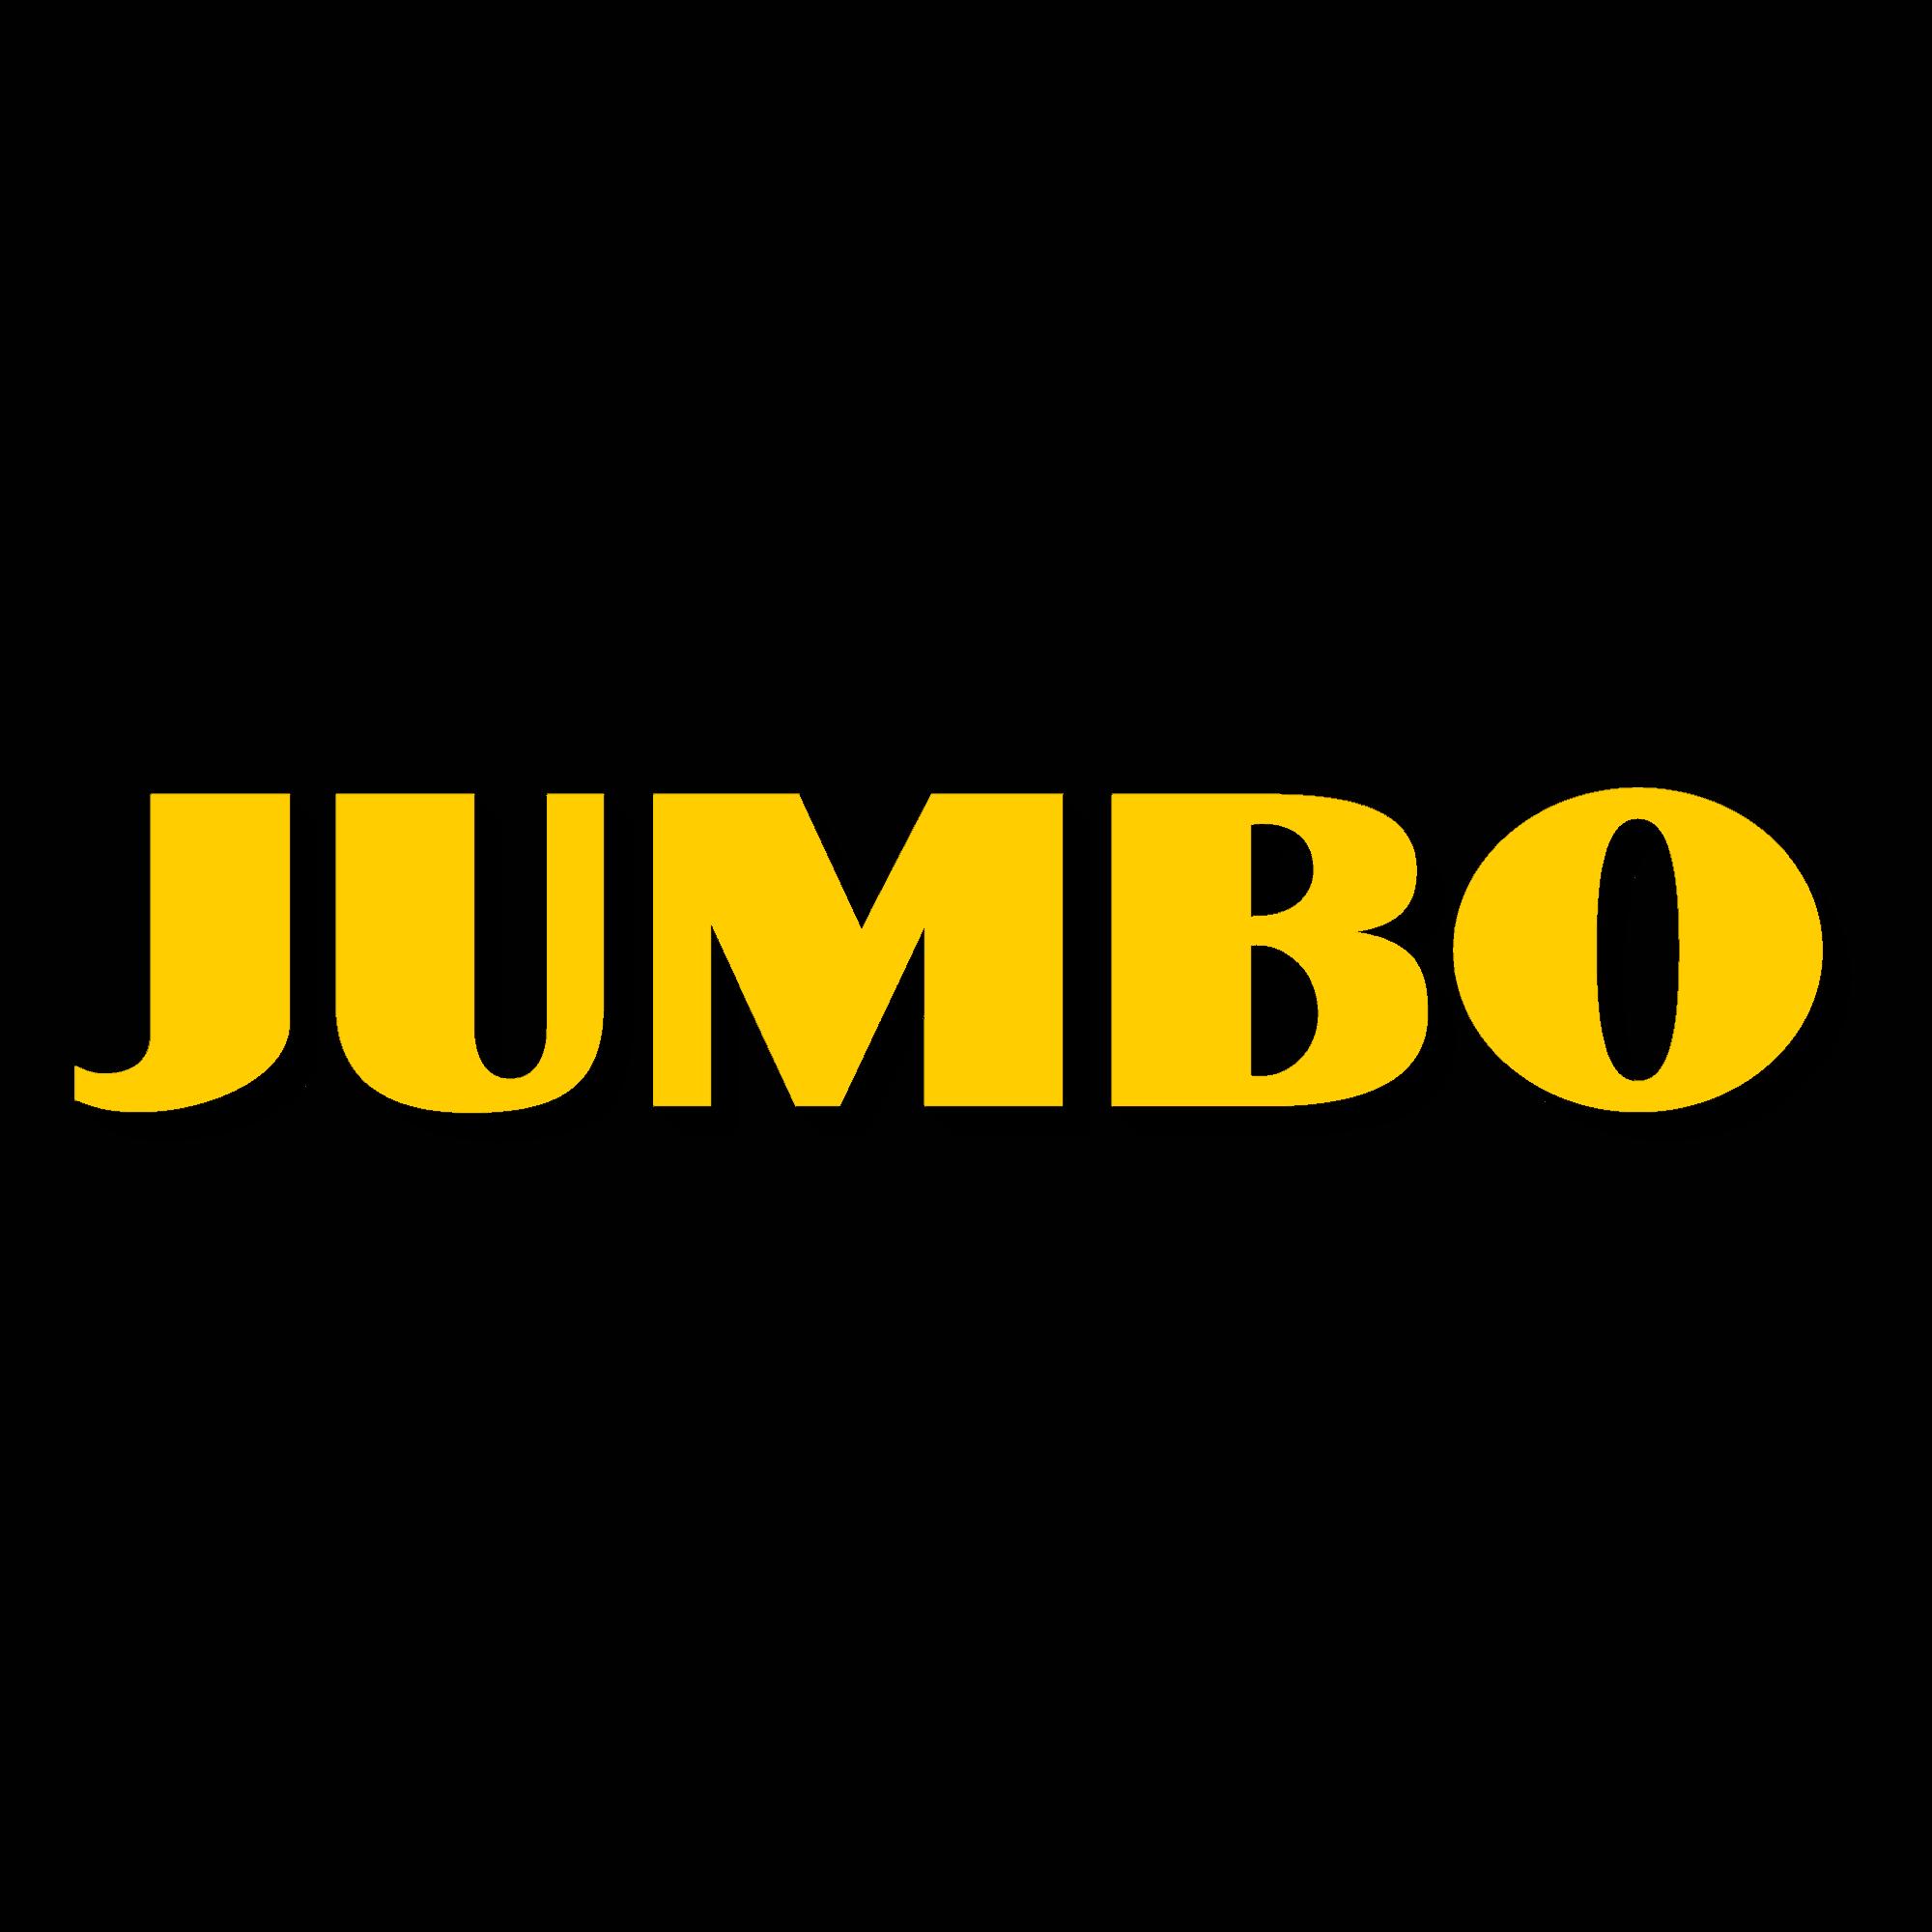 Het personeel van Jumbo laten rondlopen in een cape, ach, ach, ach | column